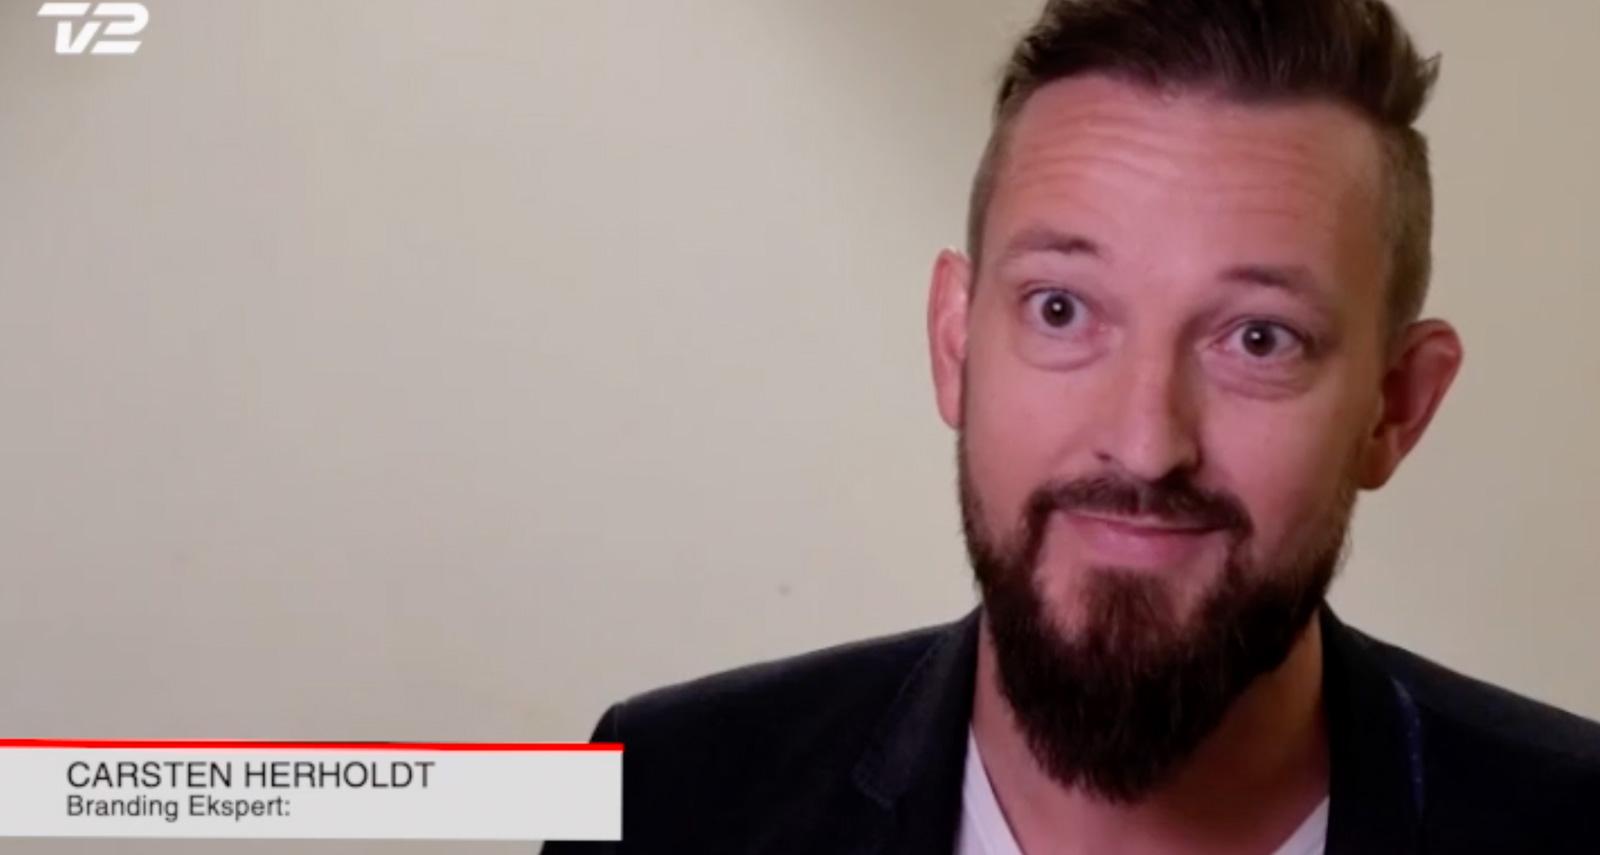 TV2-indslag-med-Carsten-Herholdt-som-Branding-ekspert-4.jpg